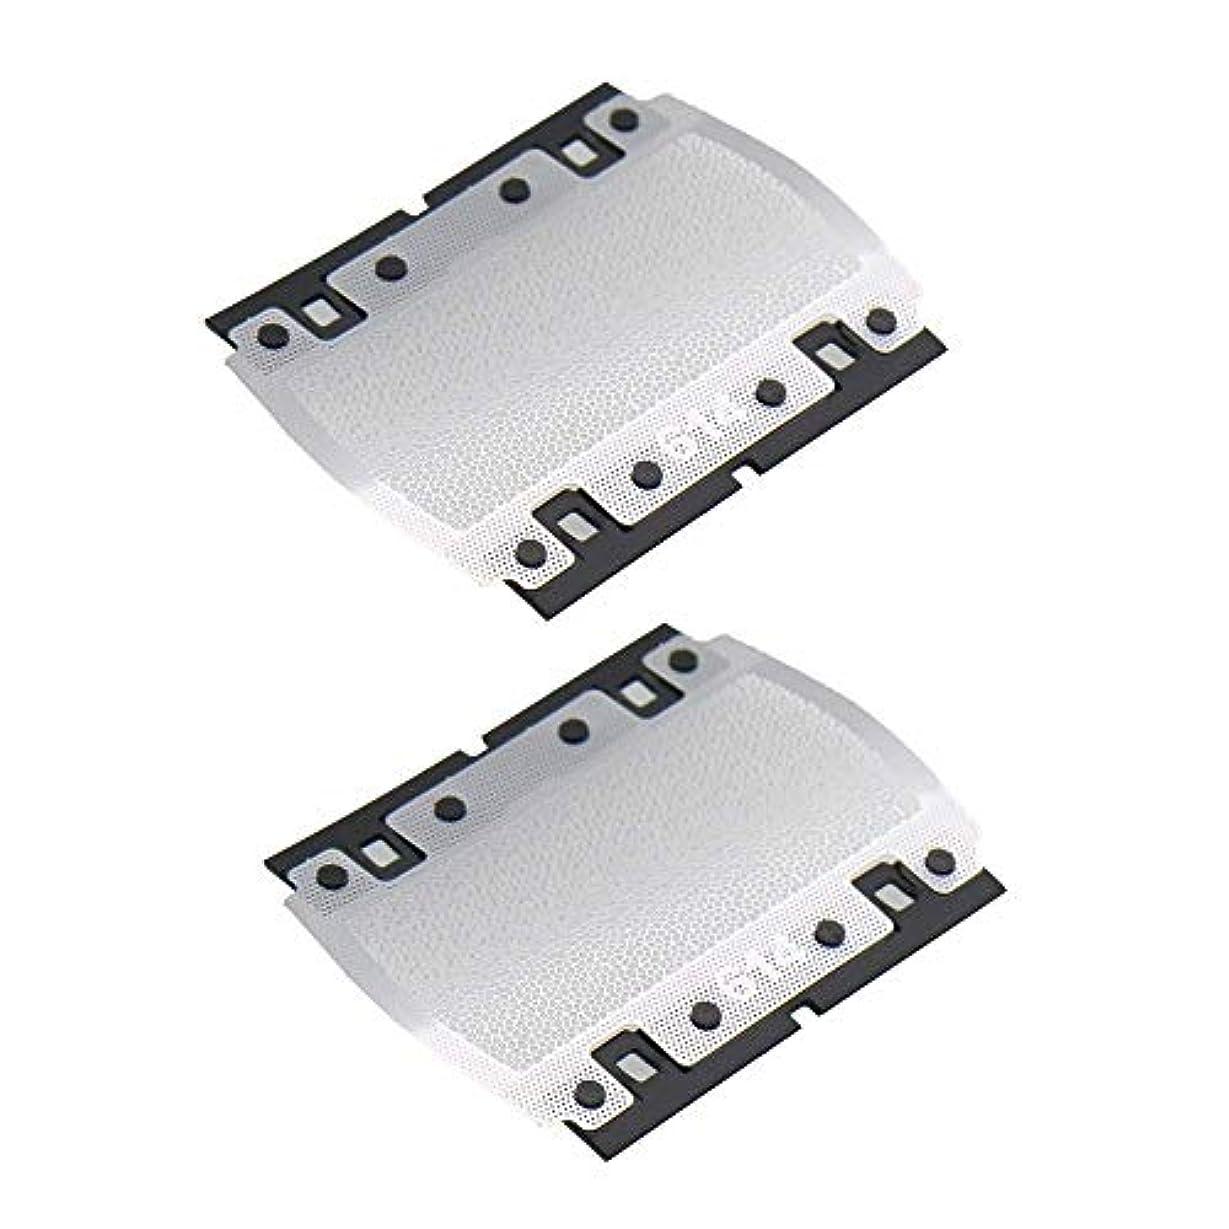 コールド鉄重荷VWONST 614 Shaver Foil Screen For Braun PocketGo Pocket Twist E-Razor 614 350 355 370 375 5614 5615 P10 Shaver...